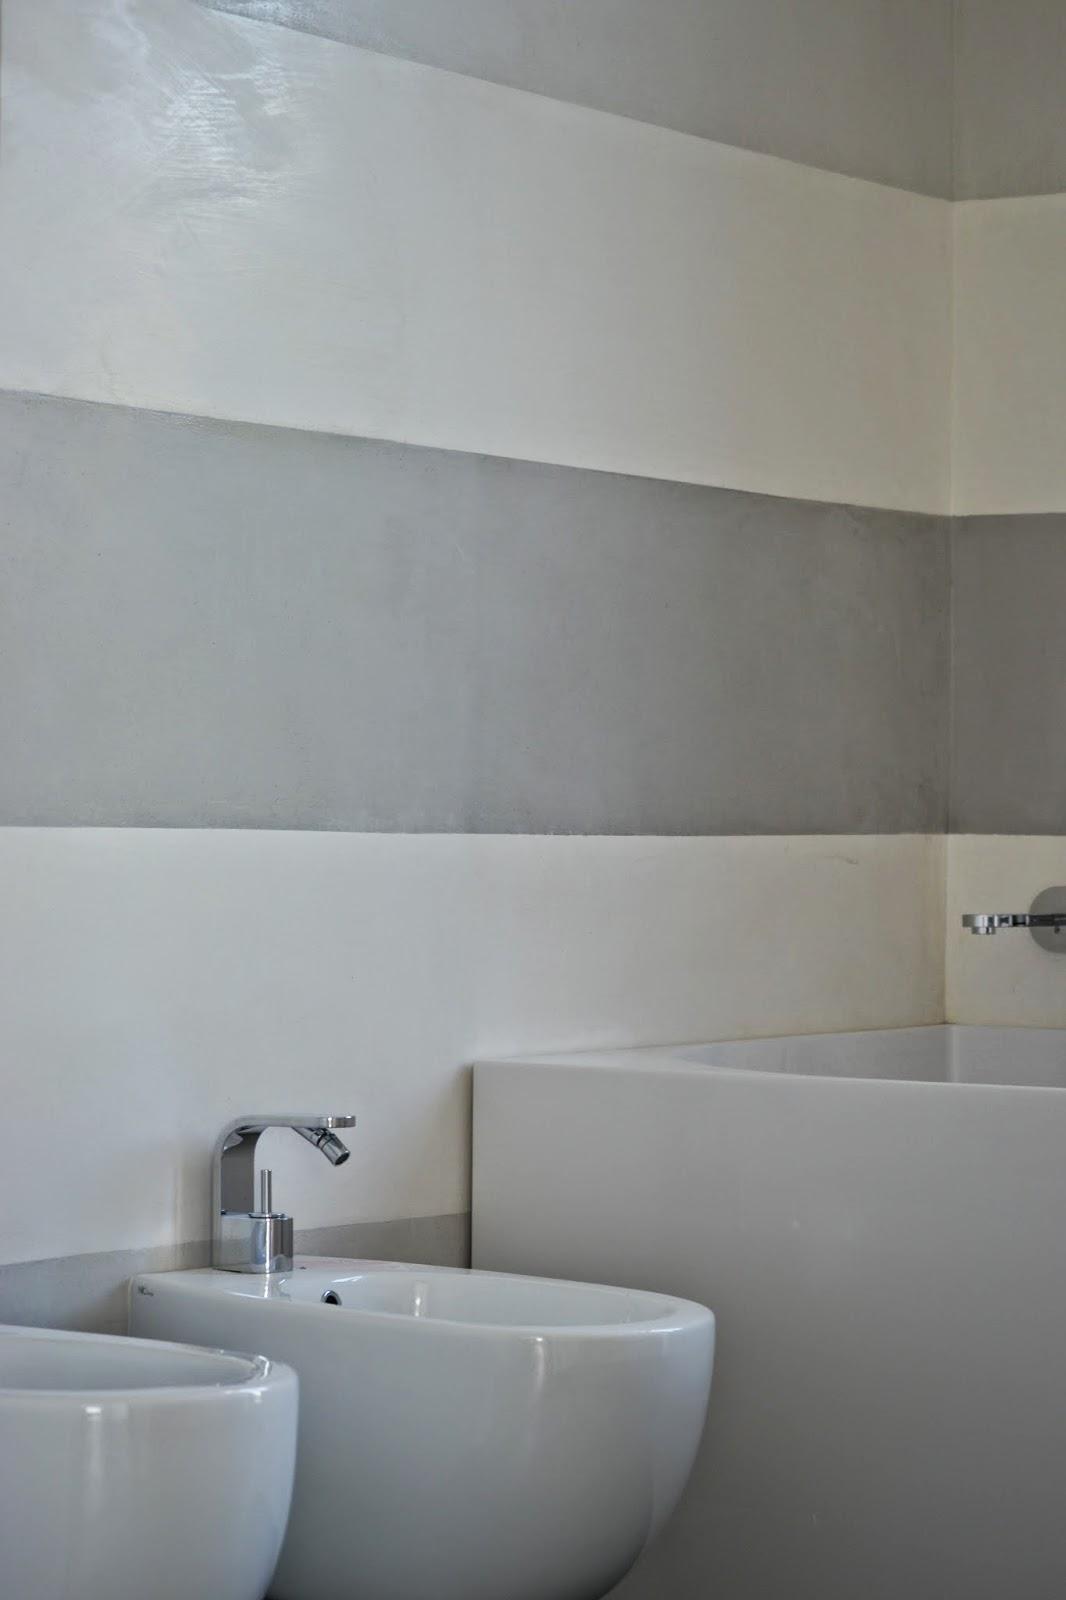 Chiartec rivestimento bagno in marmorino a fasce orizzontali - Imbiancare il bagno ...